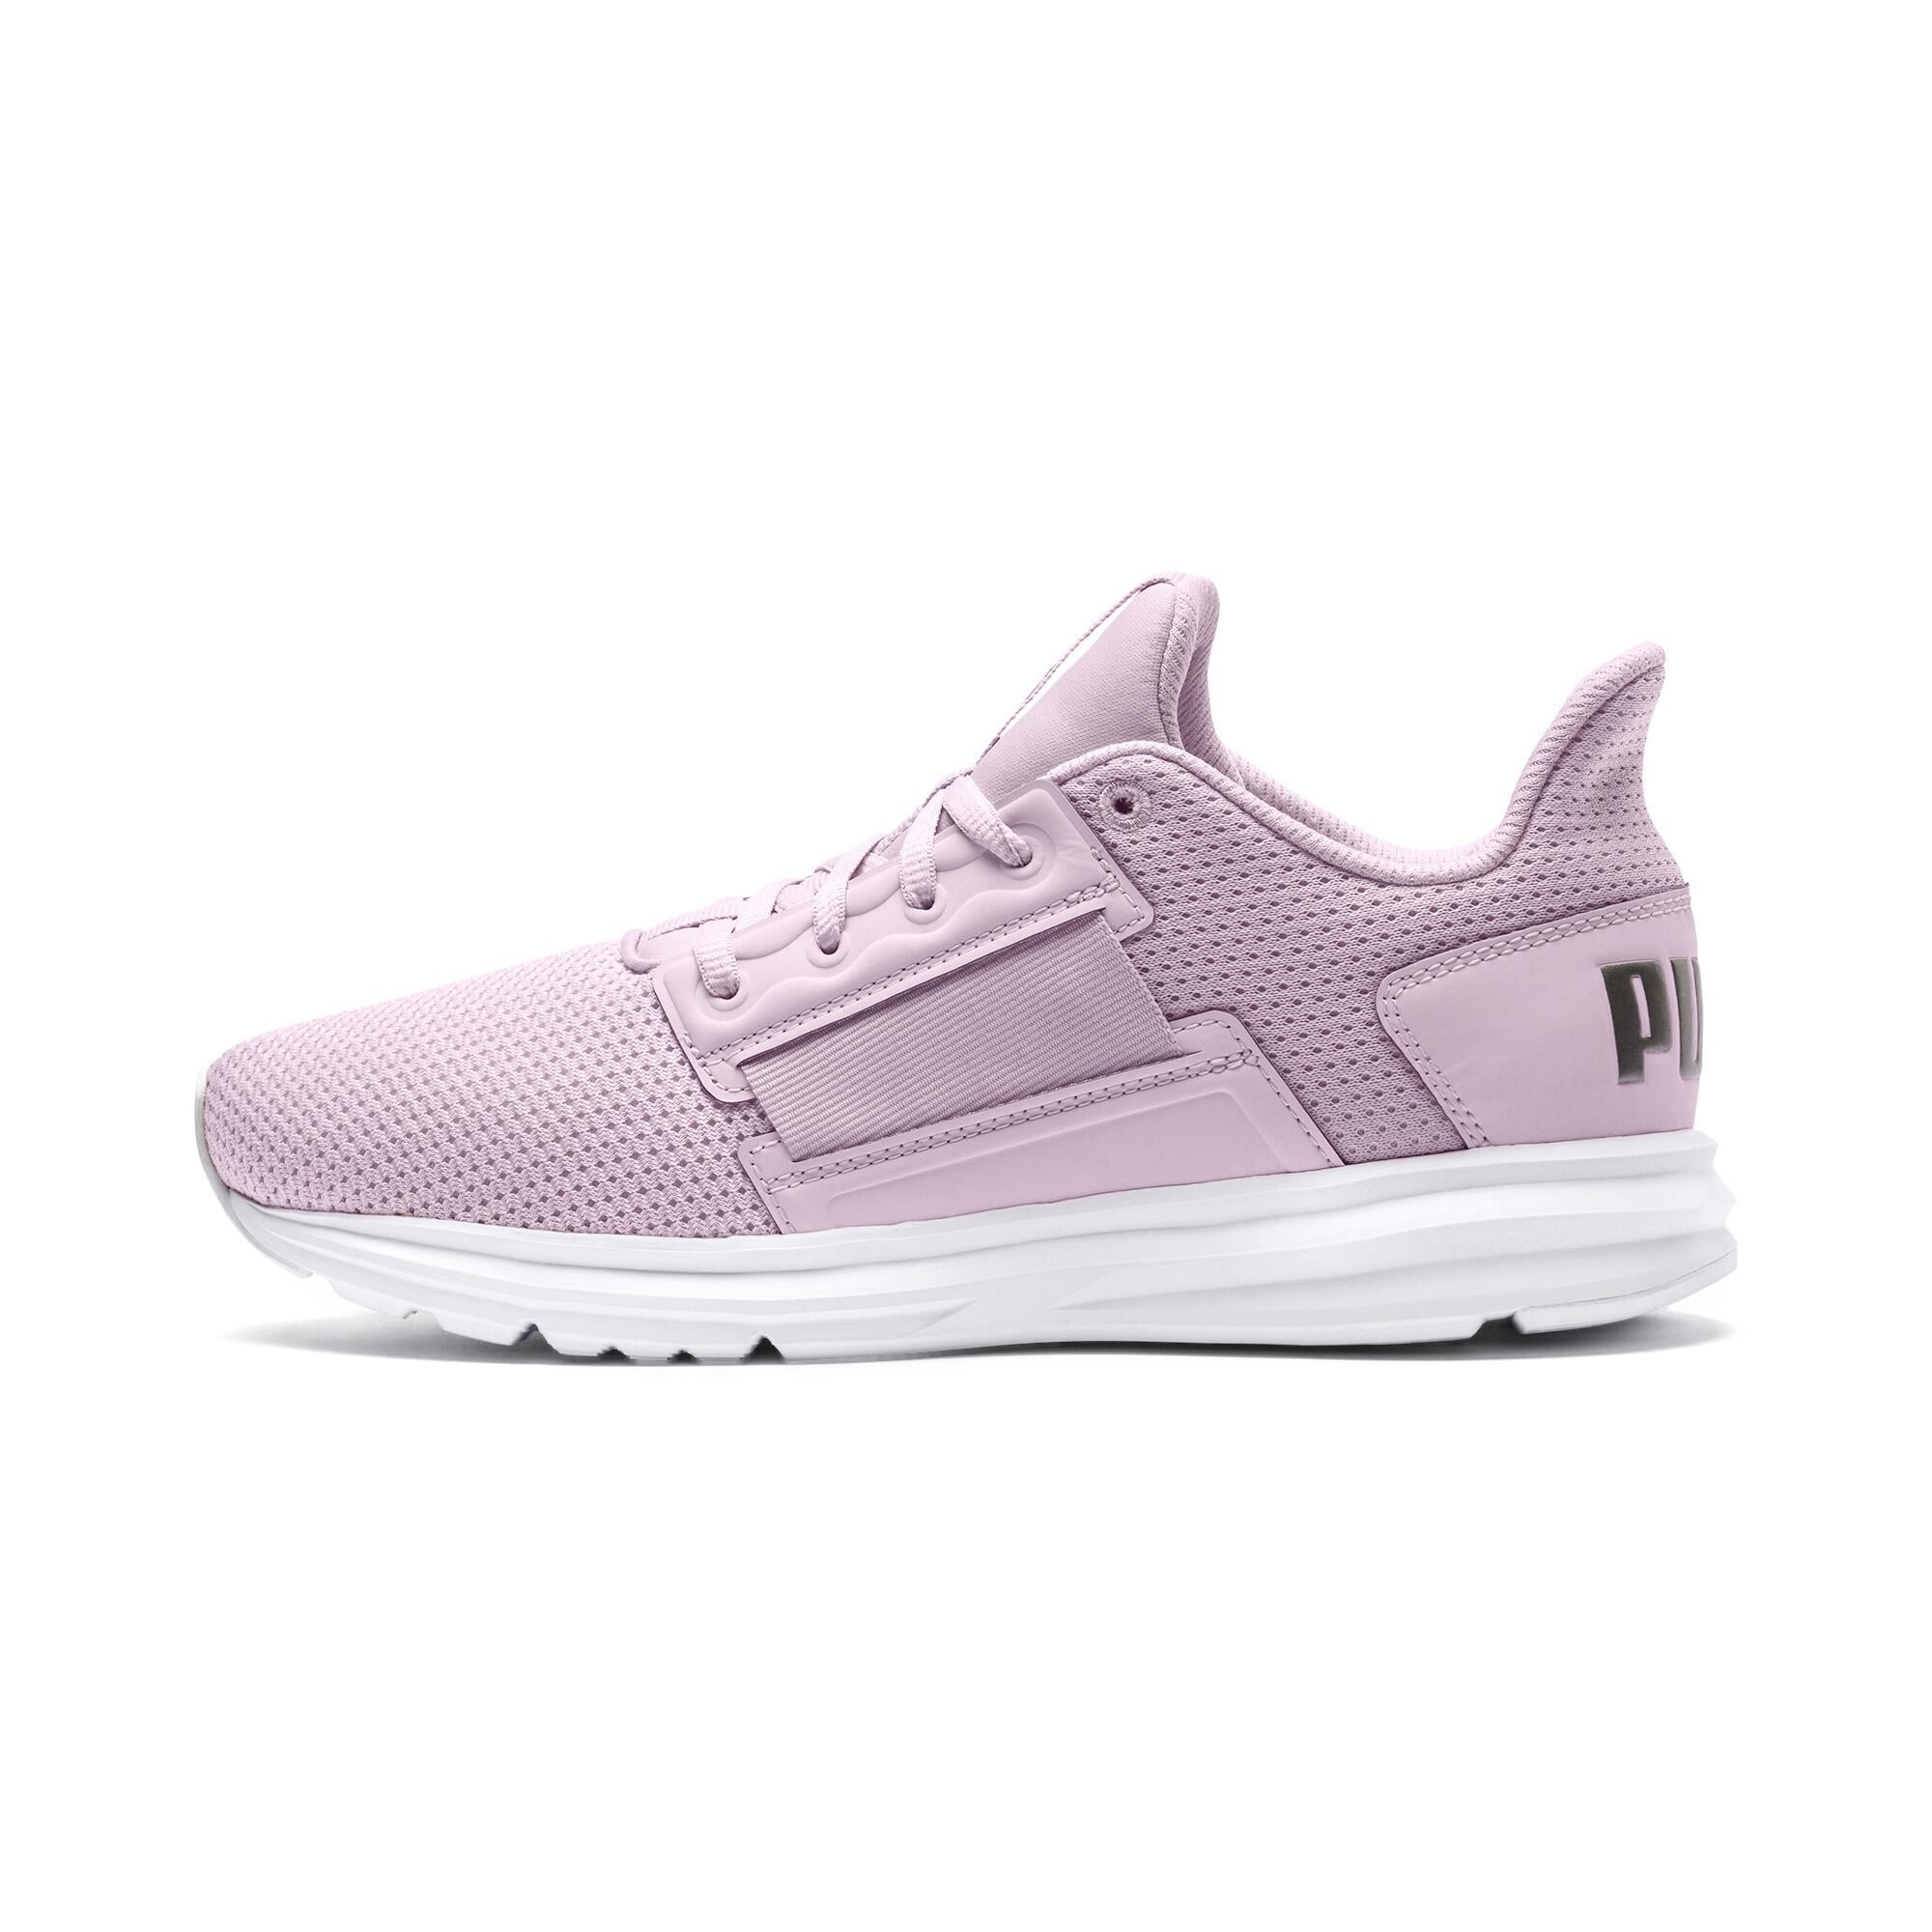 d061583e Enzo Street Women's Running Shoes   70 - Pink   Puma